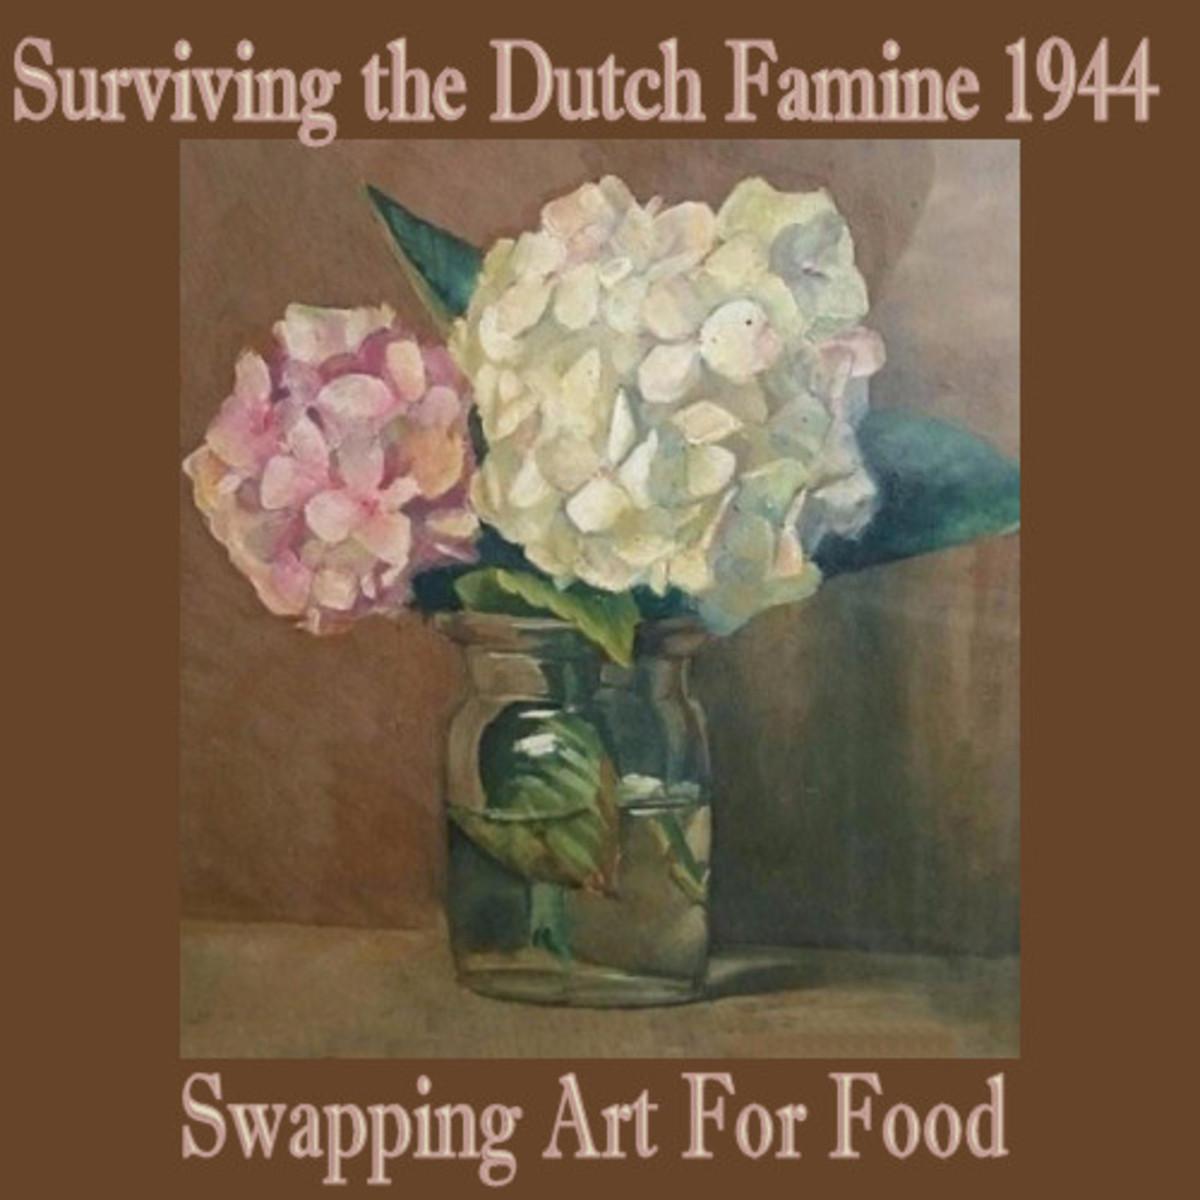 Surviving the 1944 Dutch Famine